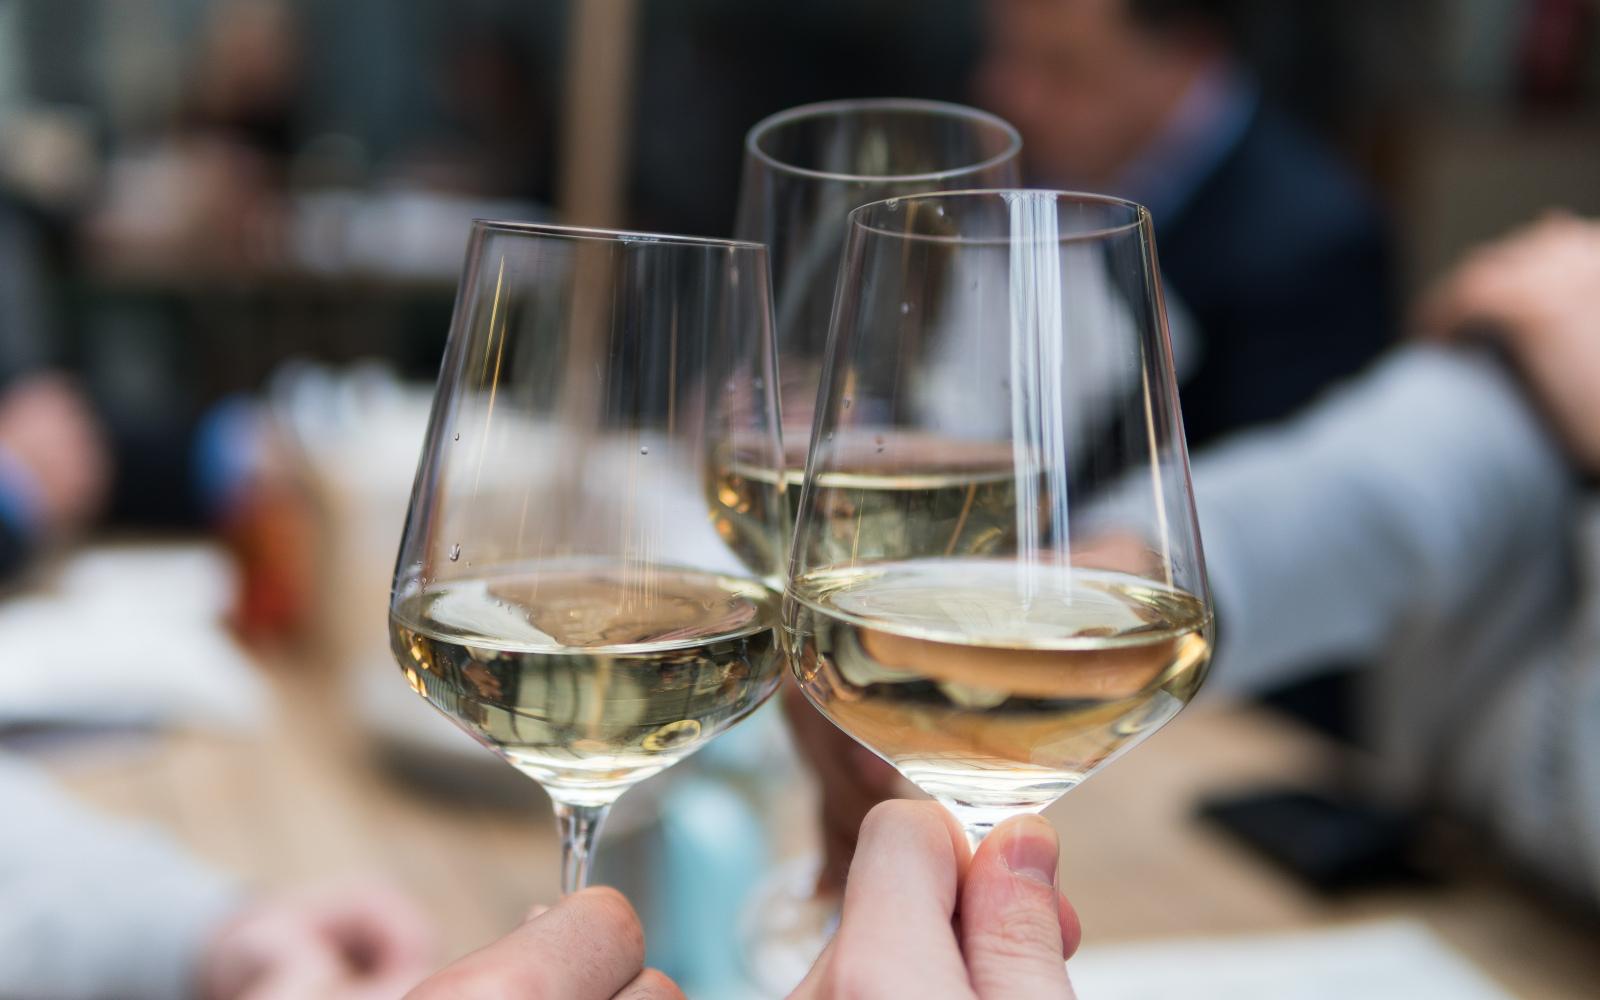 Welcher Wein passt zu welchem Fleisch?